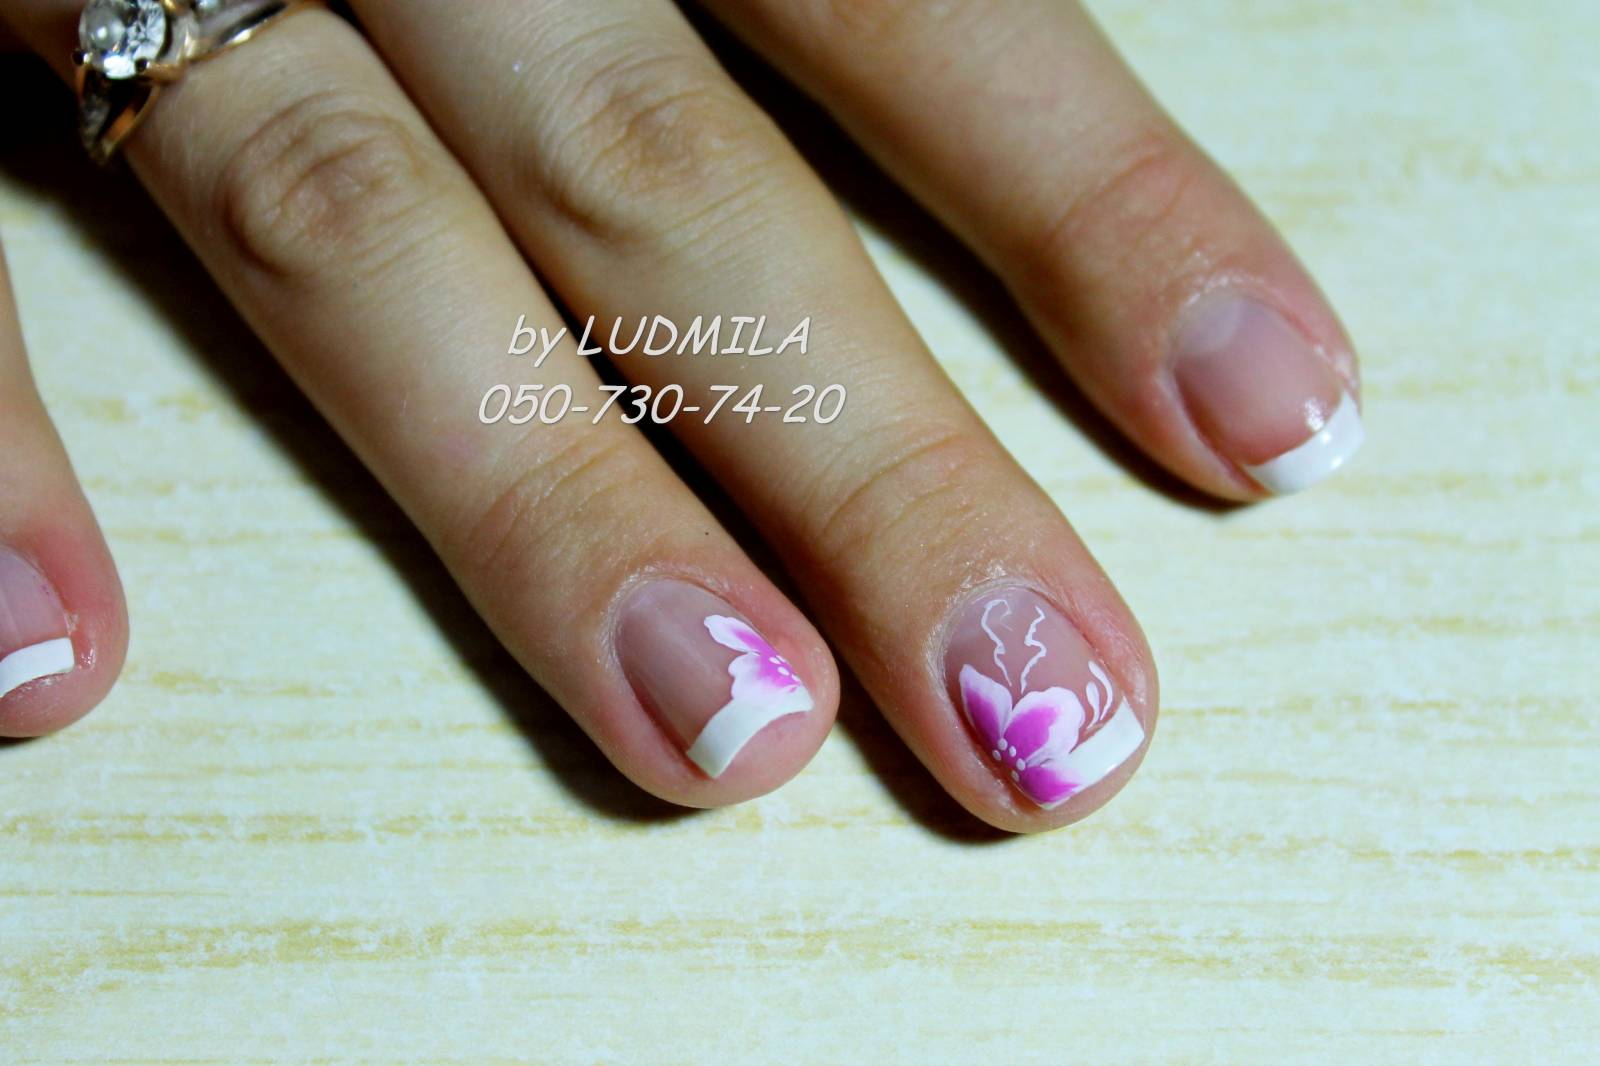 Дизайн ногтей гель лаком на свадьбу фото